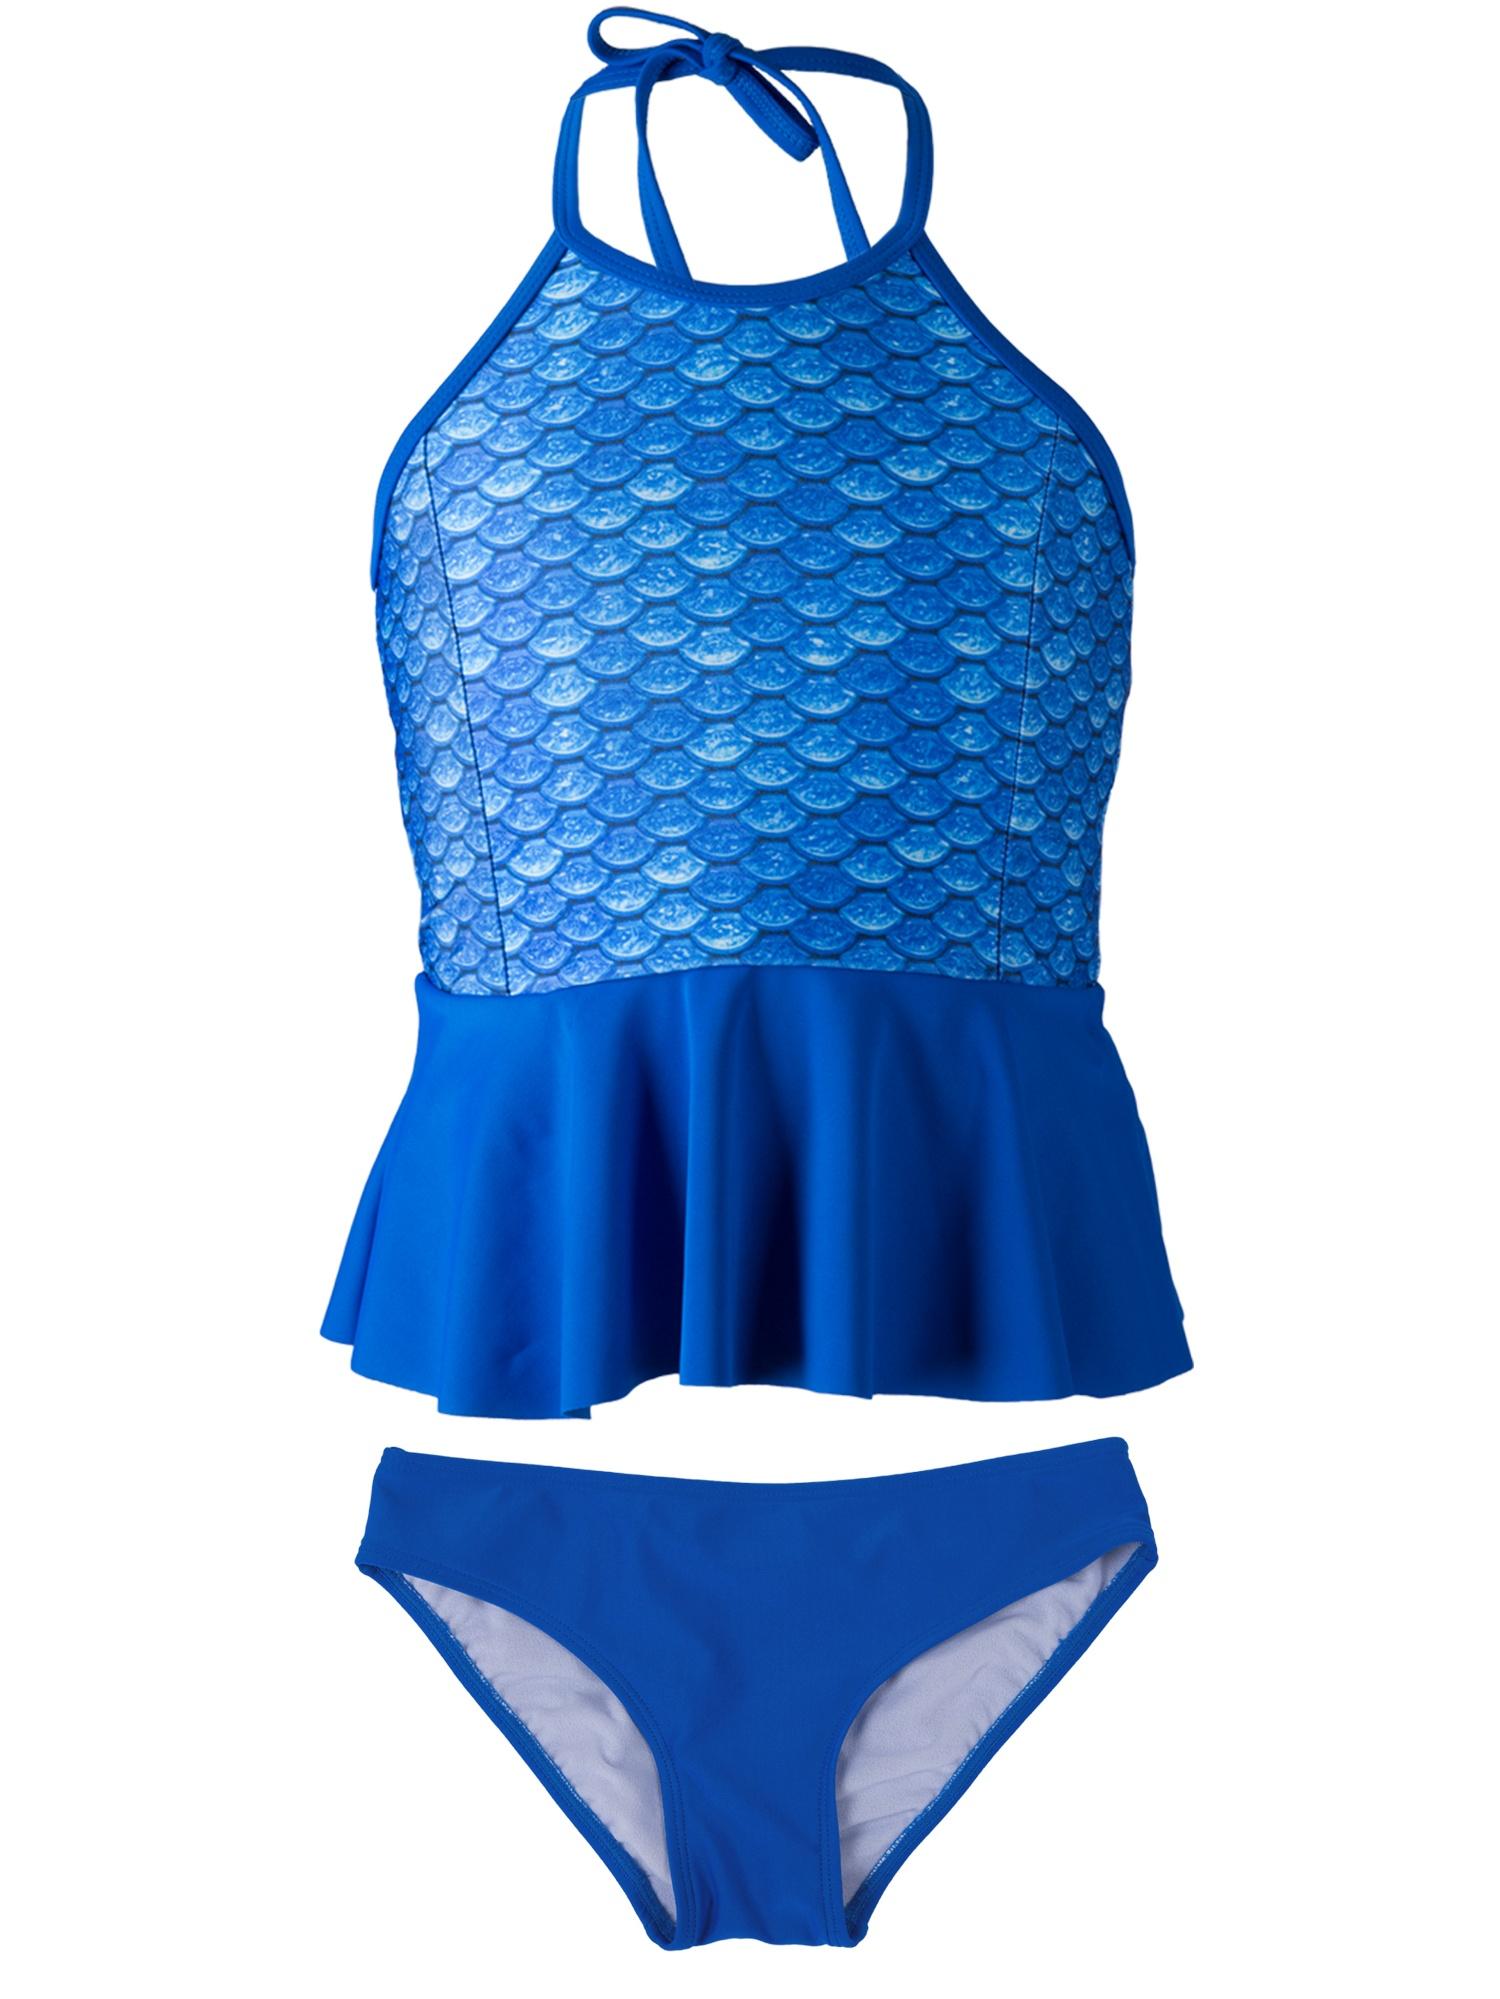 Girls Peplum Tankini Set by Fin Fun, Matches Fin Fun Mermaid Tails